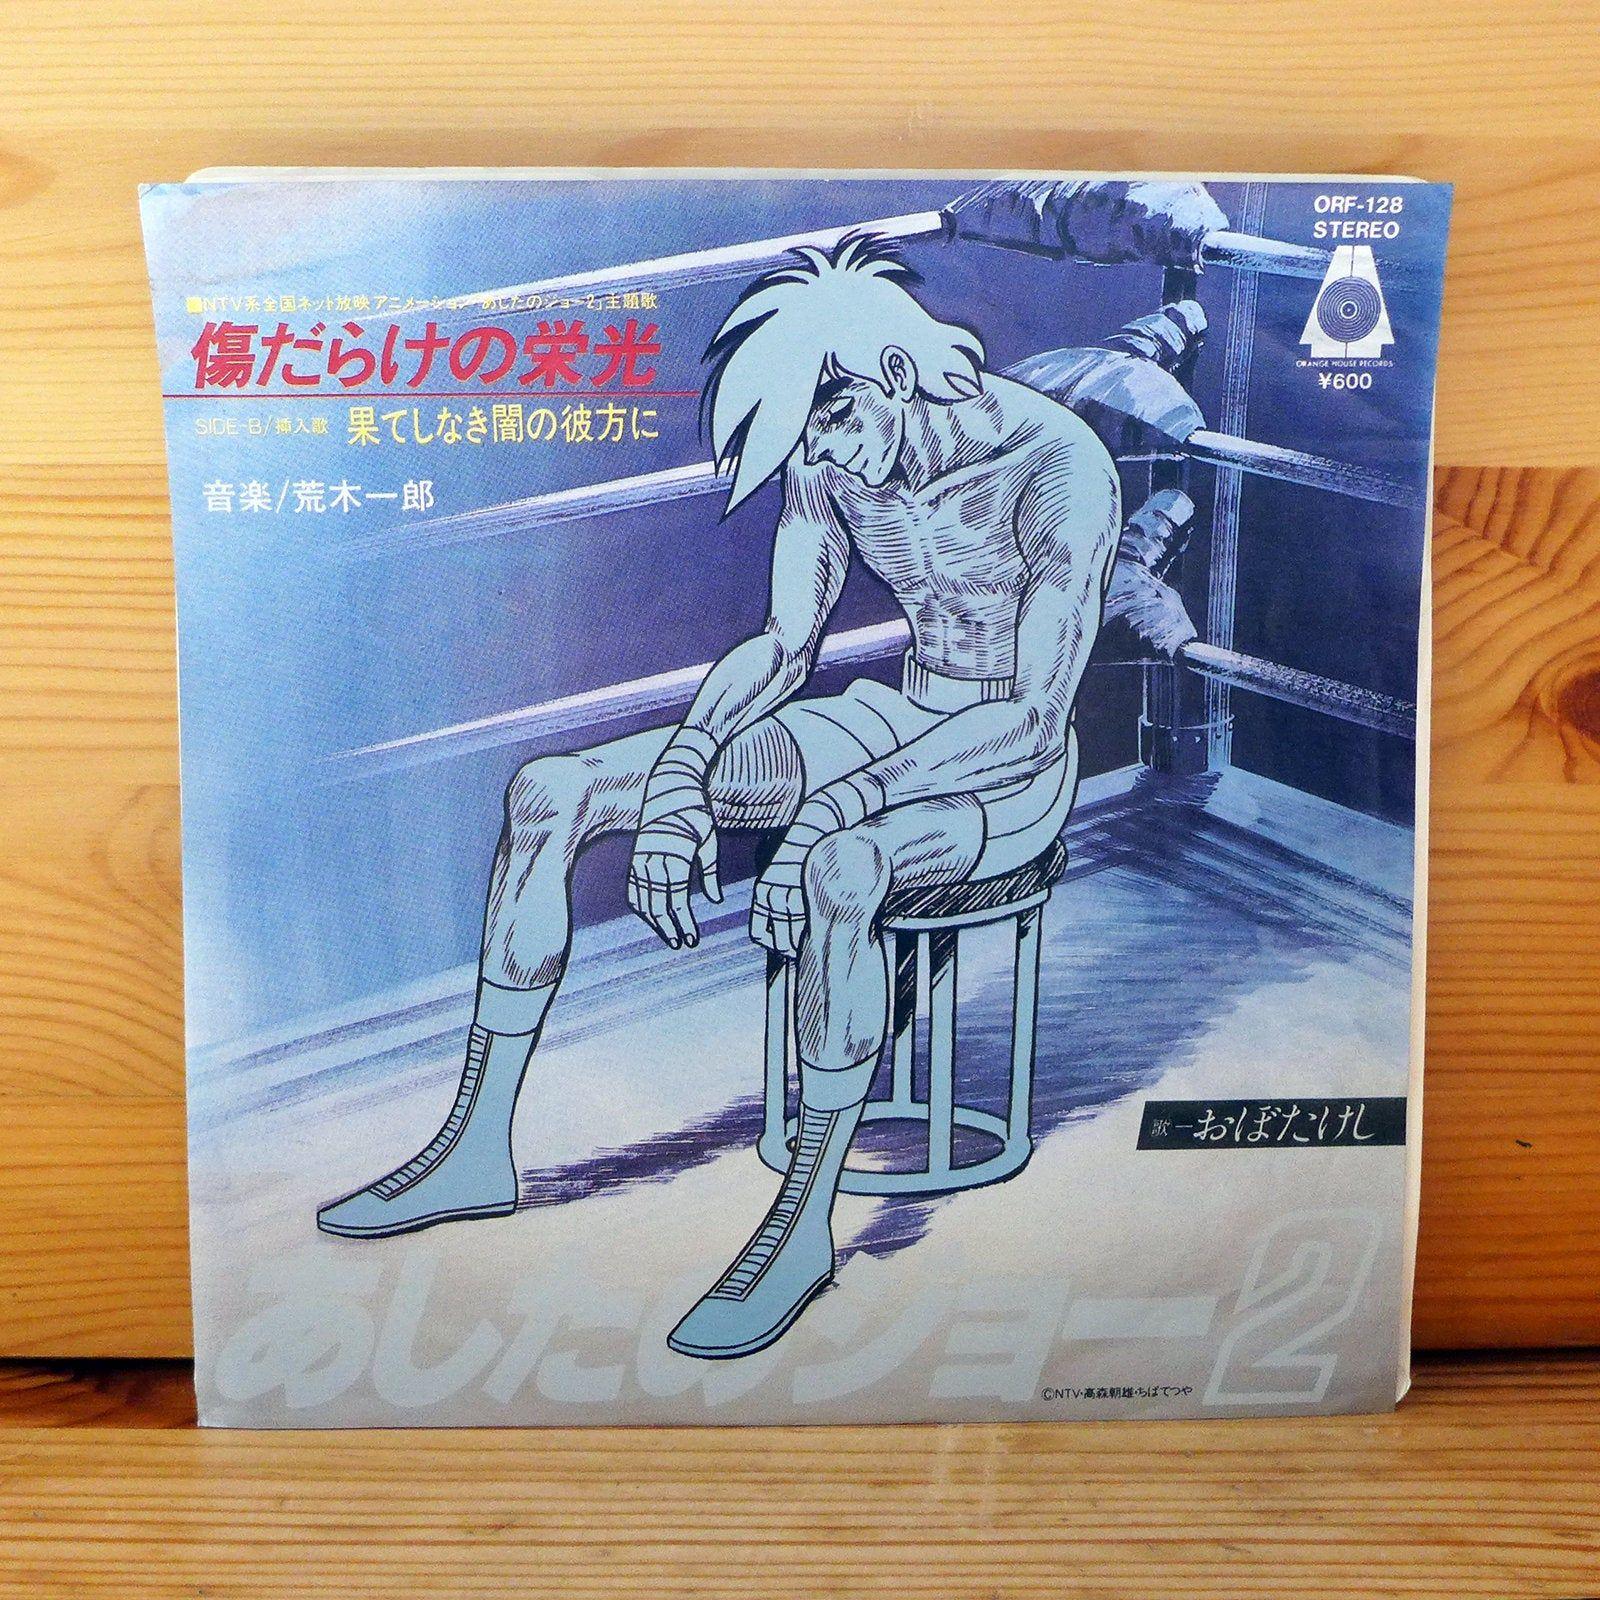 Anime Ashita no Joe 2 Kizudarake no Eiko Vintage Vinyl